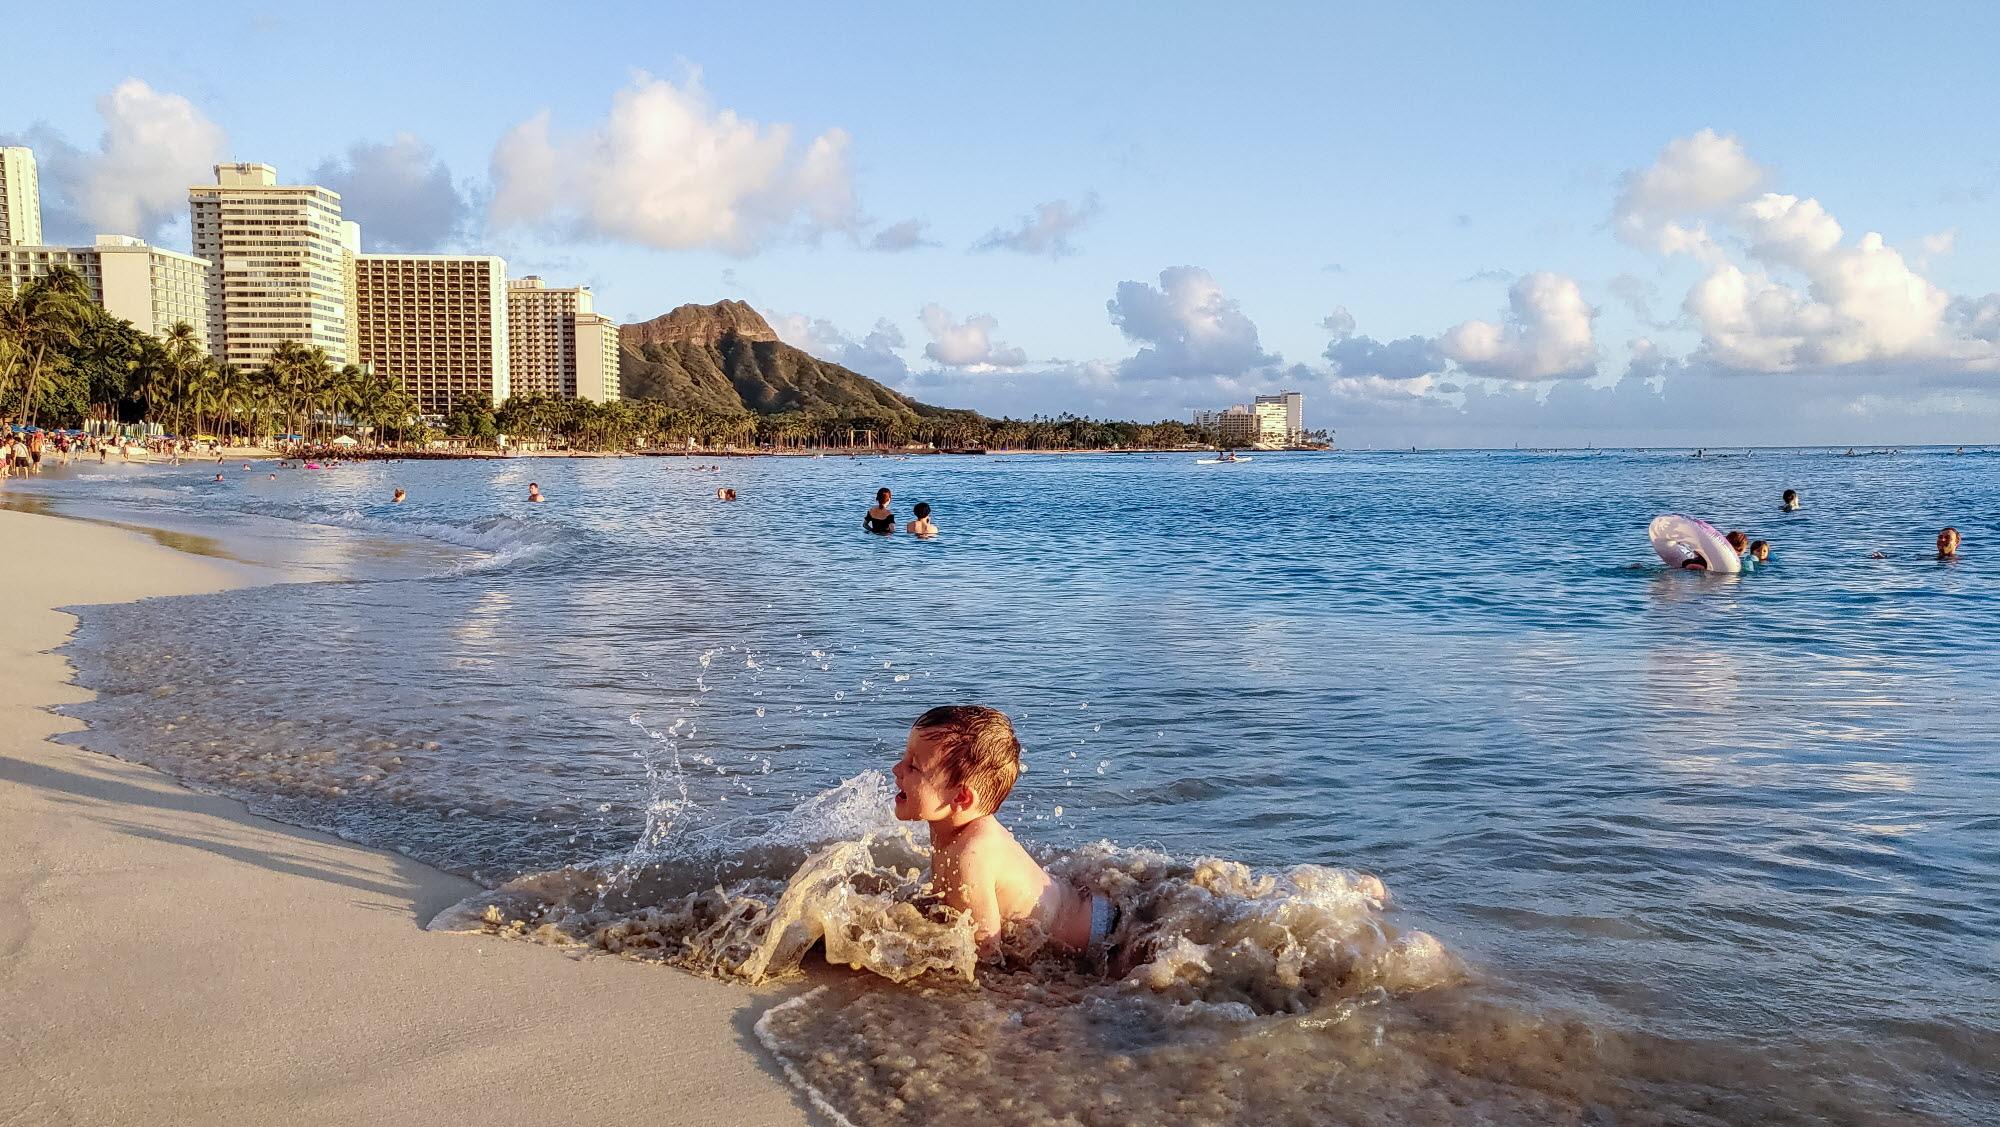 LG V50S로 촬영한 하와이 사진01 (조리개값 F/1.8 , 셔터스피드 1/1400초 , ISO-150)